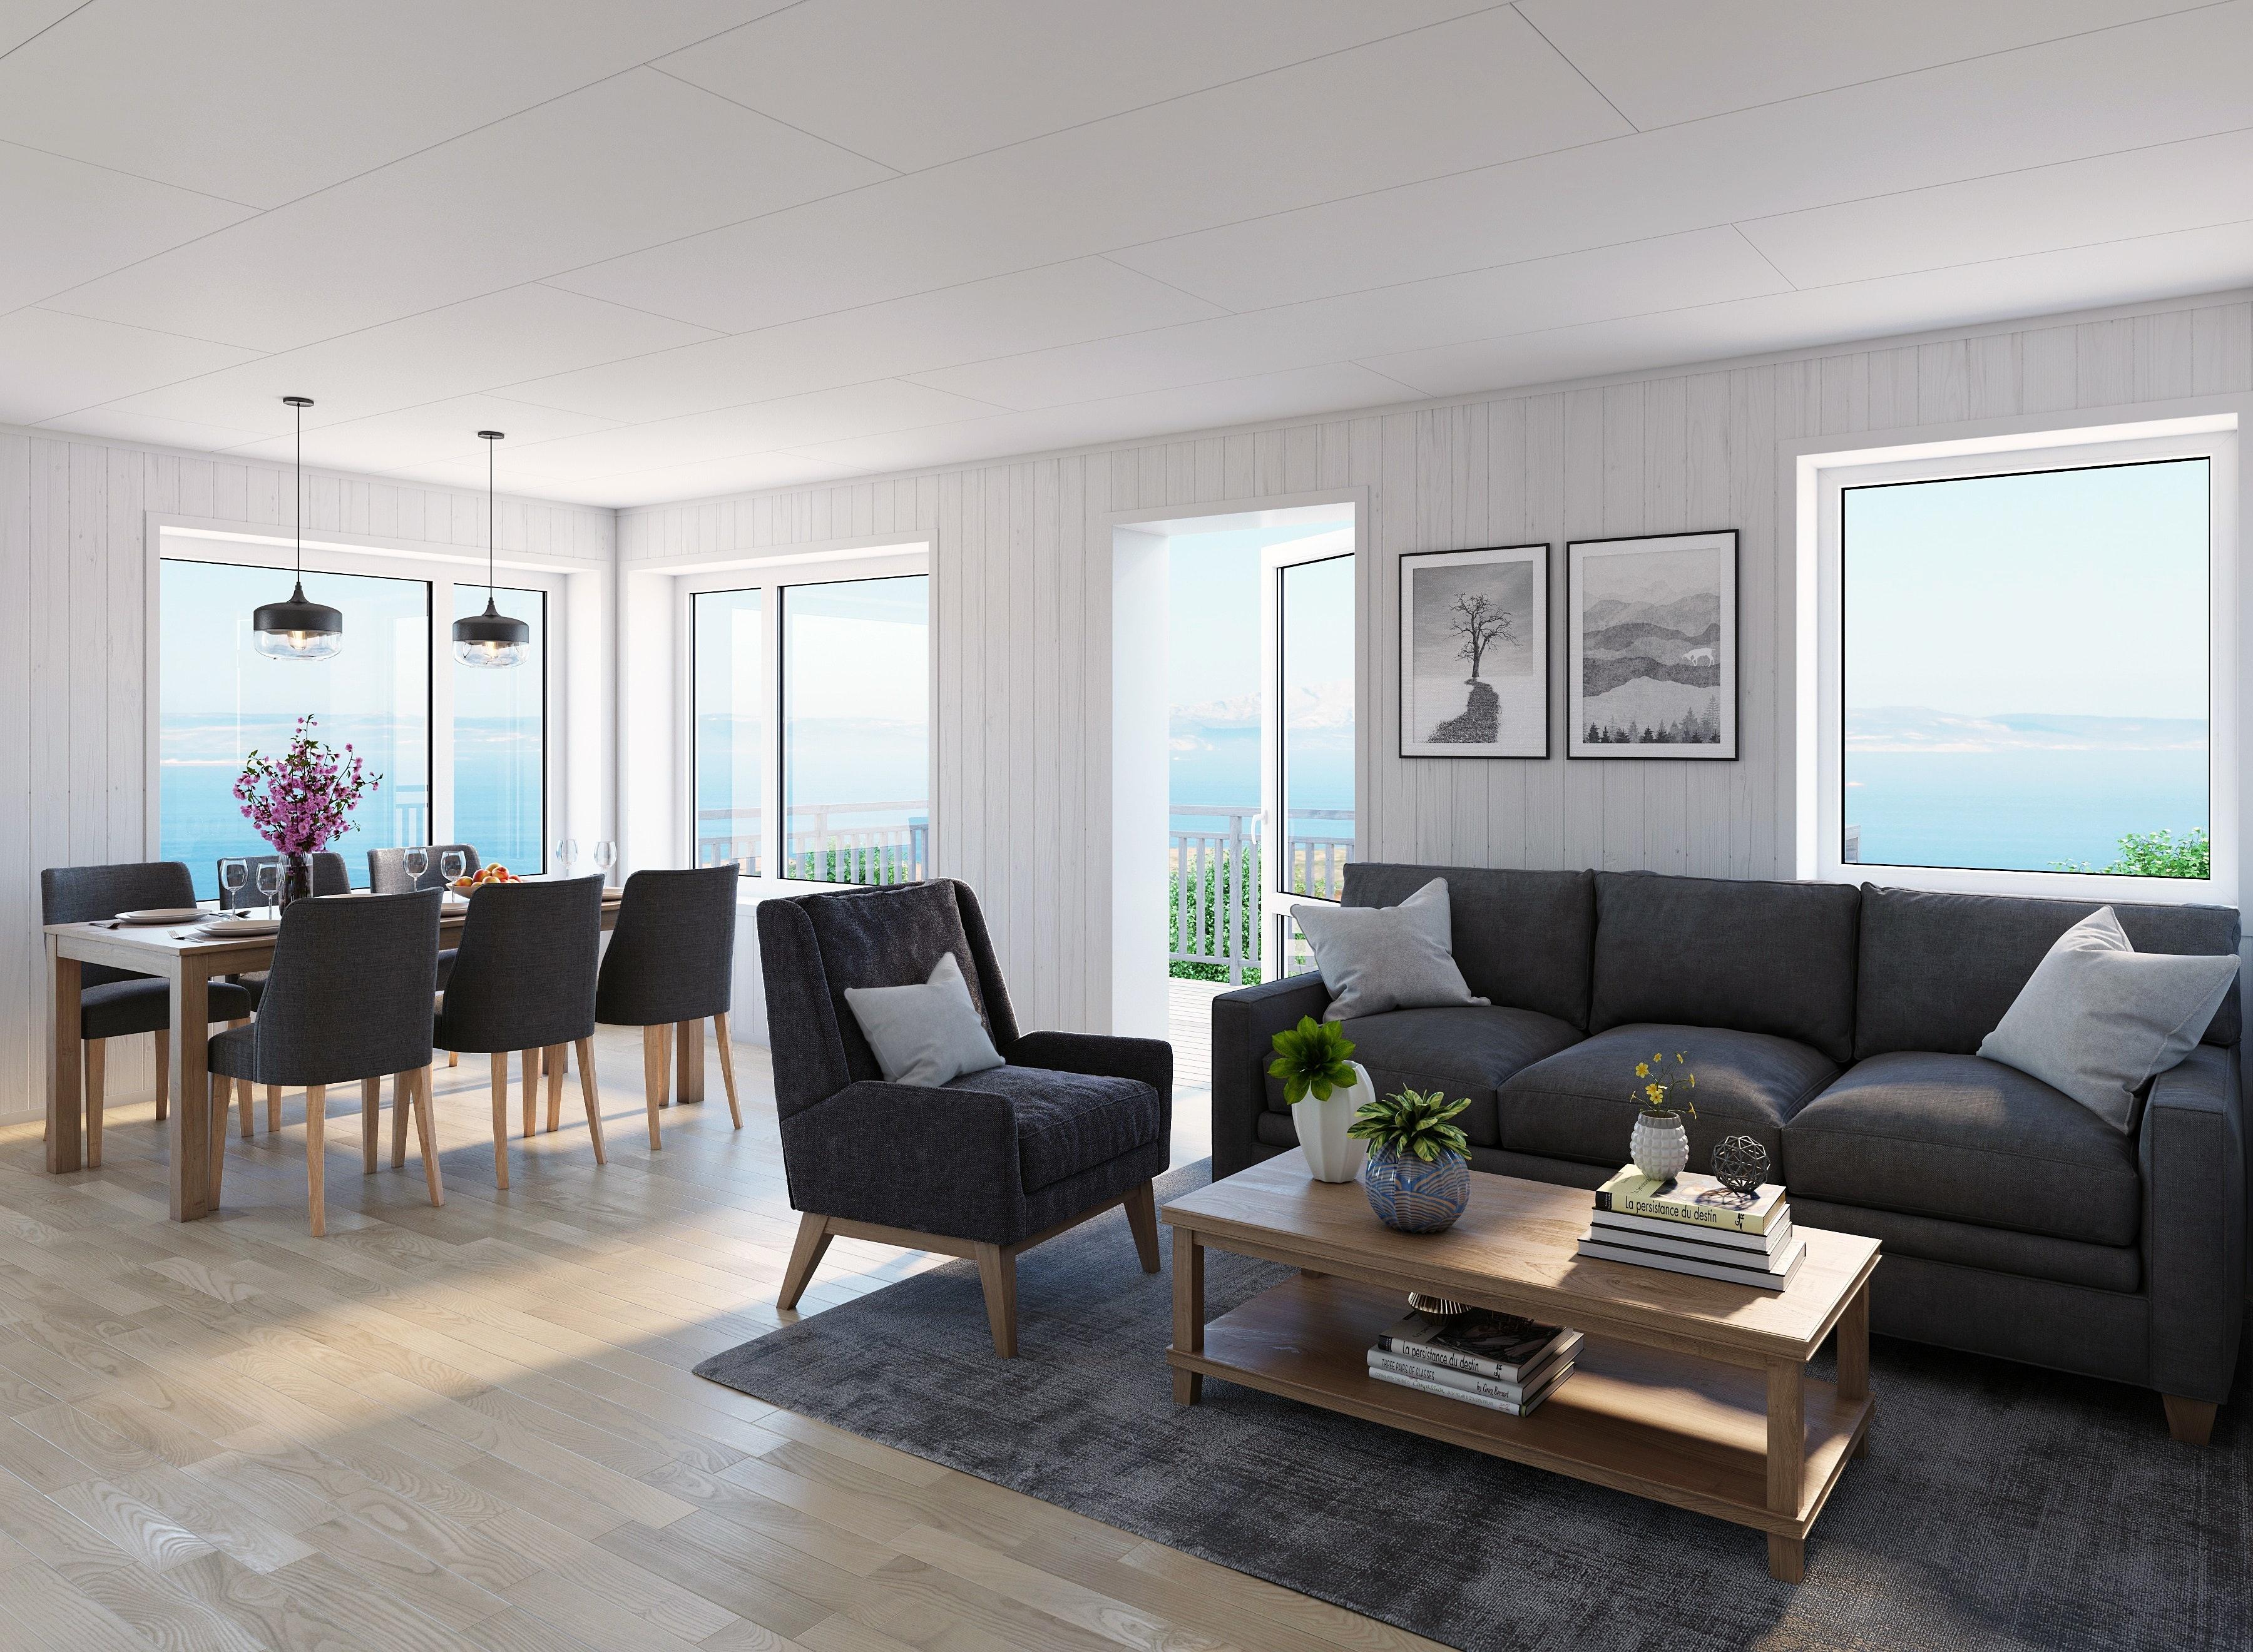 Moderne leiligheter midt i Judaberg sentrum-2 soverom-nøkkelferdig! Fra kun kr 2.450.000,-